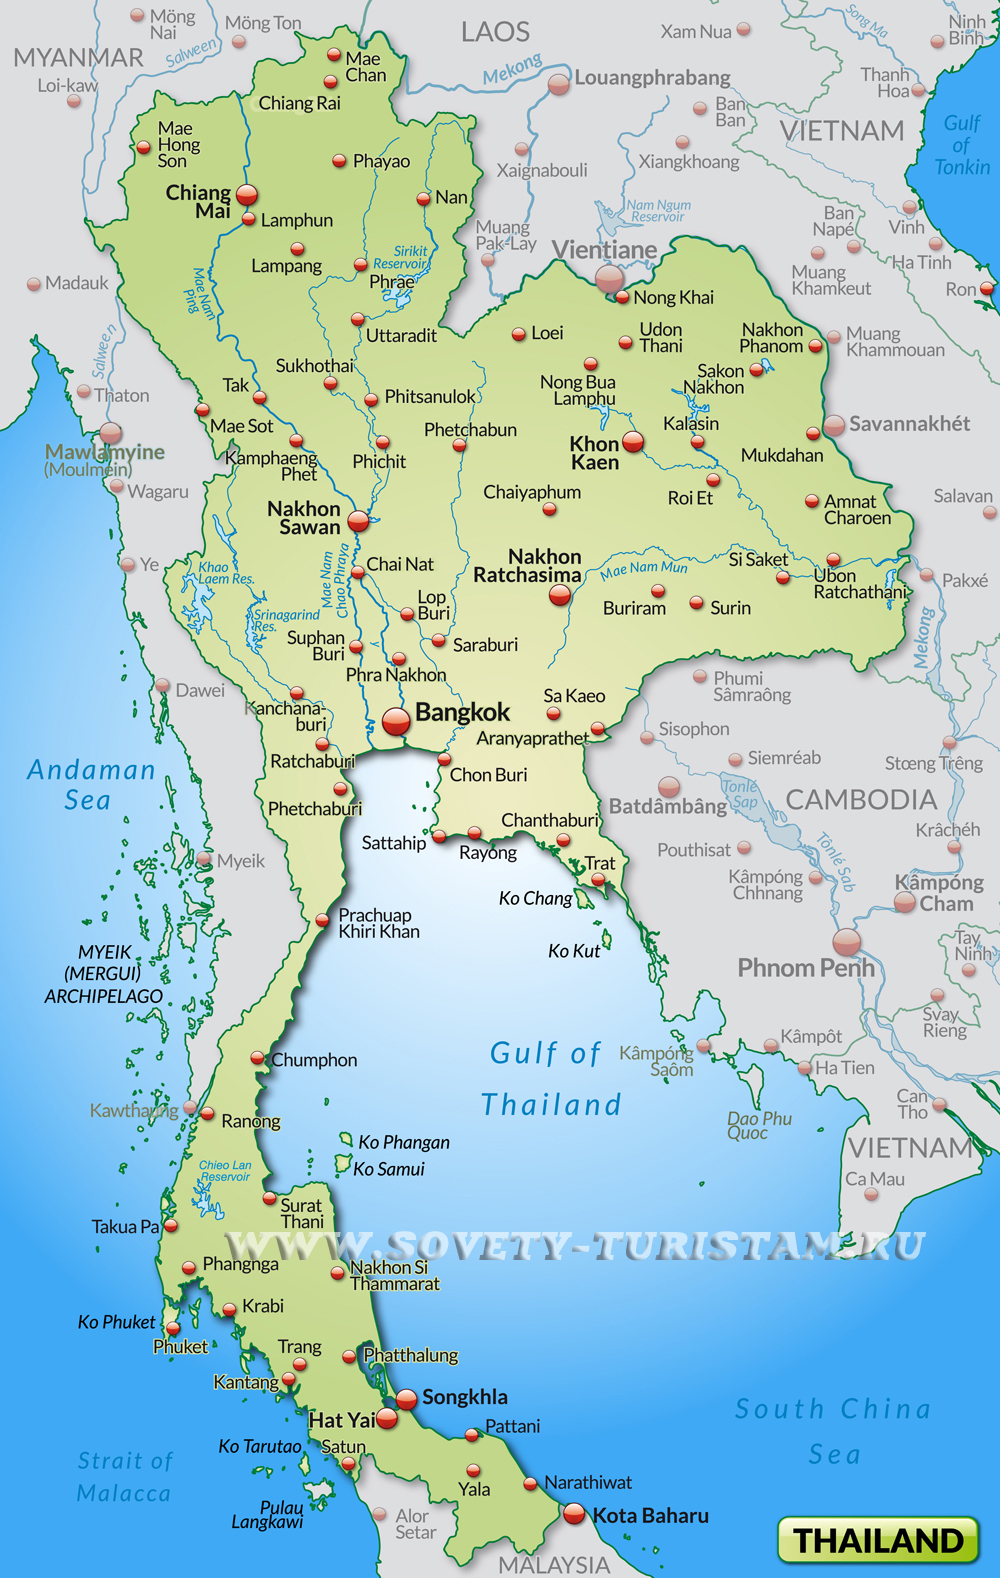 Вьетнам советы туристам- когда лучше ехать во Вьетнам ...